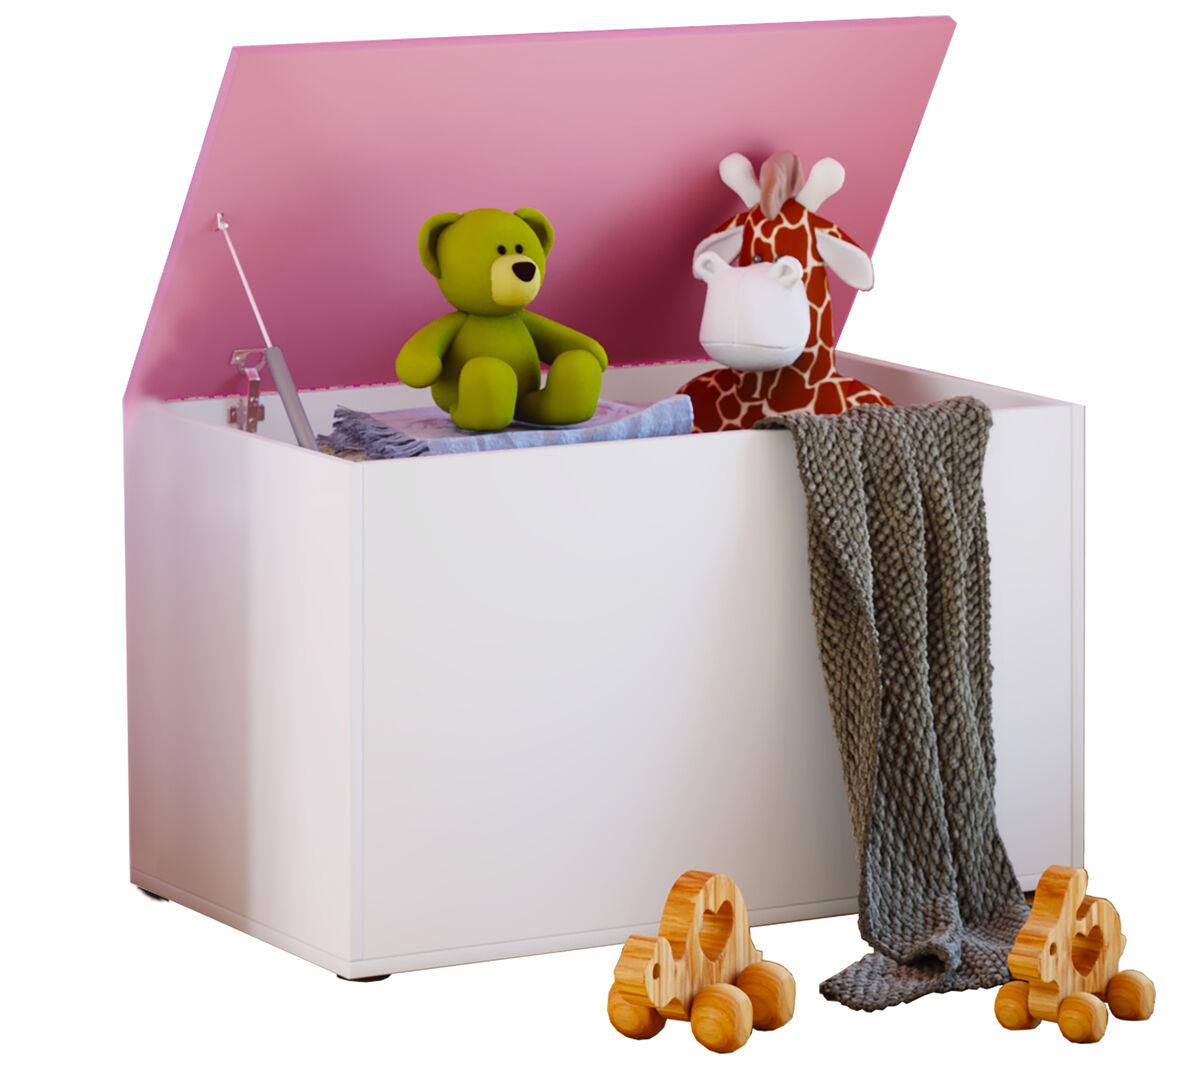 Full Size of Aufbewahrungsbox Kinderzimmer Ebay Aufbewahrungsboxen Stapelbar Plastik Amazon Holz Mit Deckel Mint Ikea Design Vcm Spielzeugkiste Sitztruhe Kinderzimmer Aufbewahrungsboxen Kinderzimmer